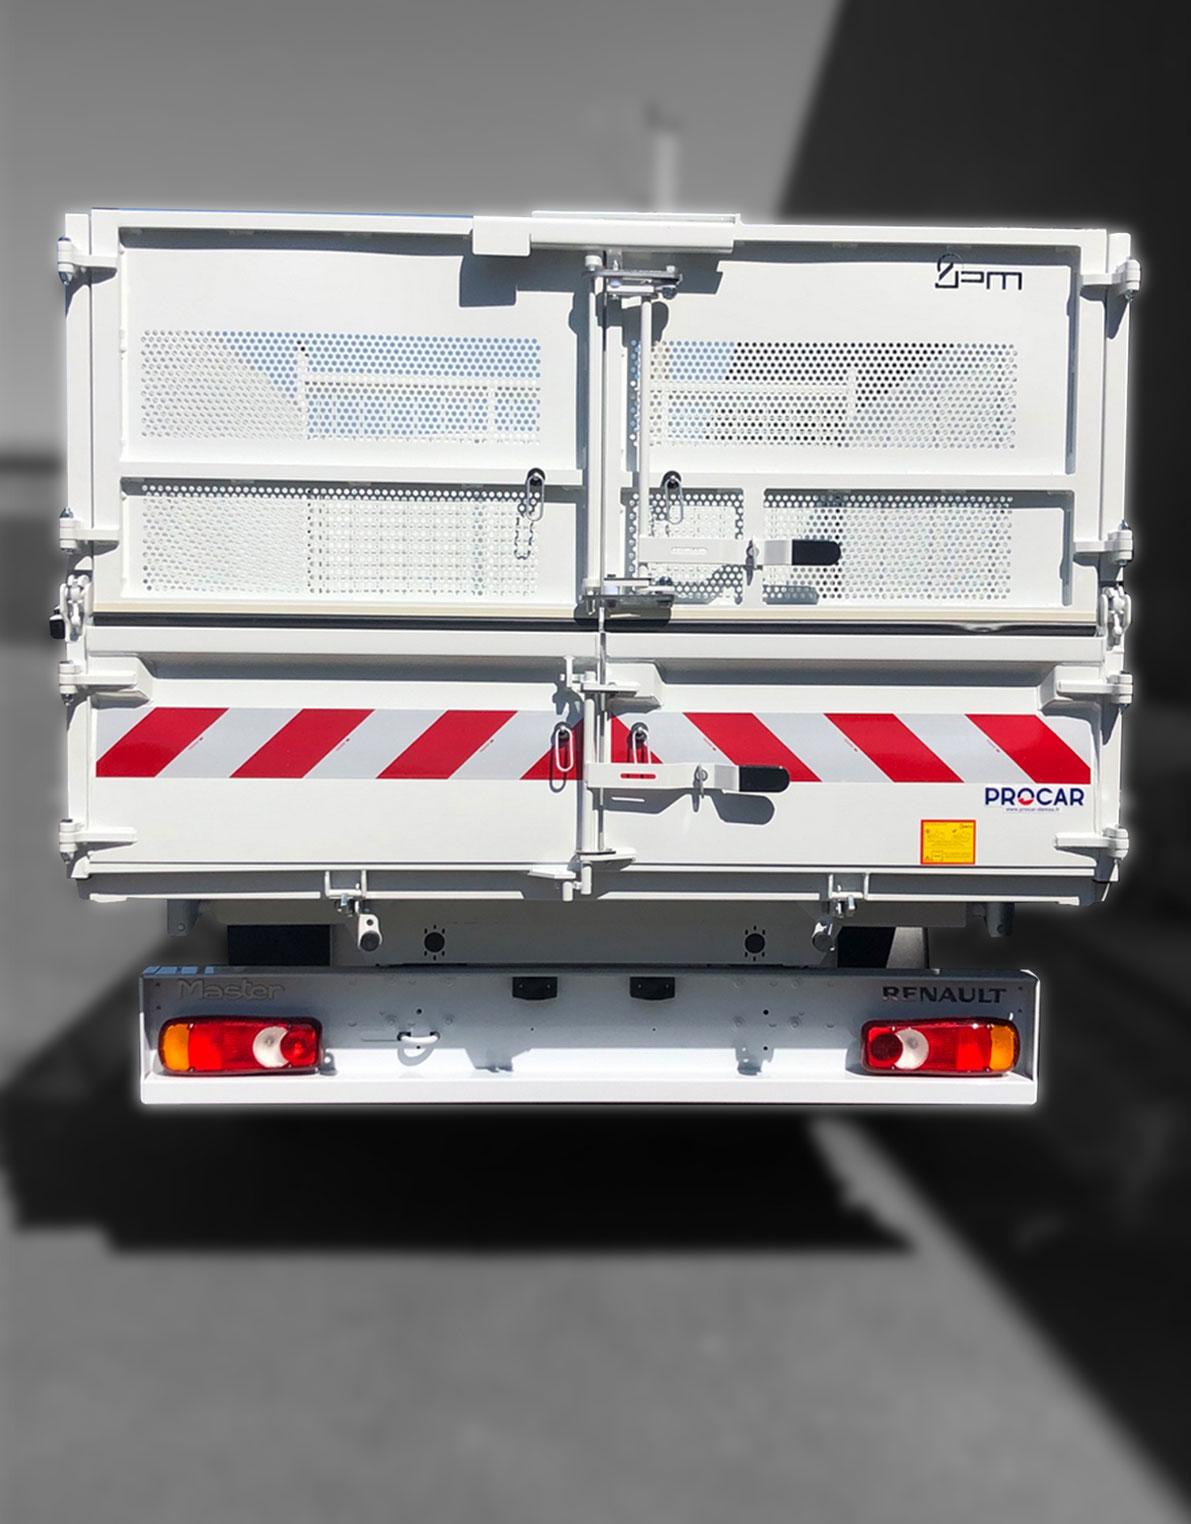 Benne Renault - 8968188 Benne